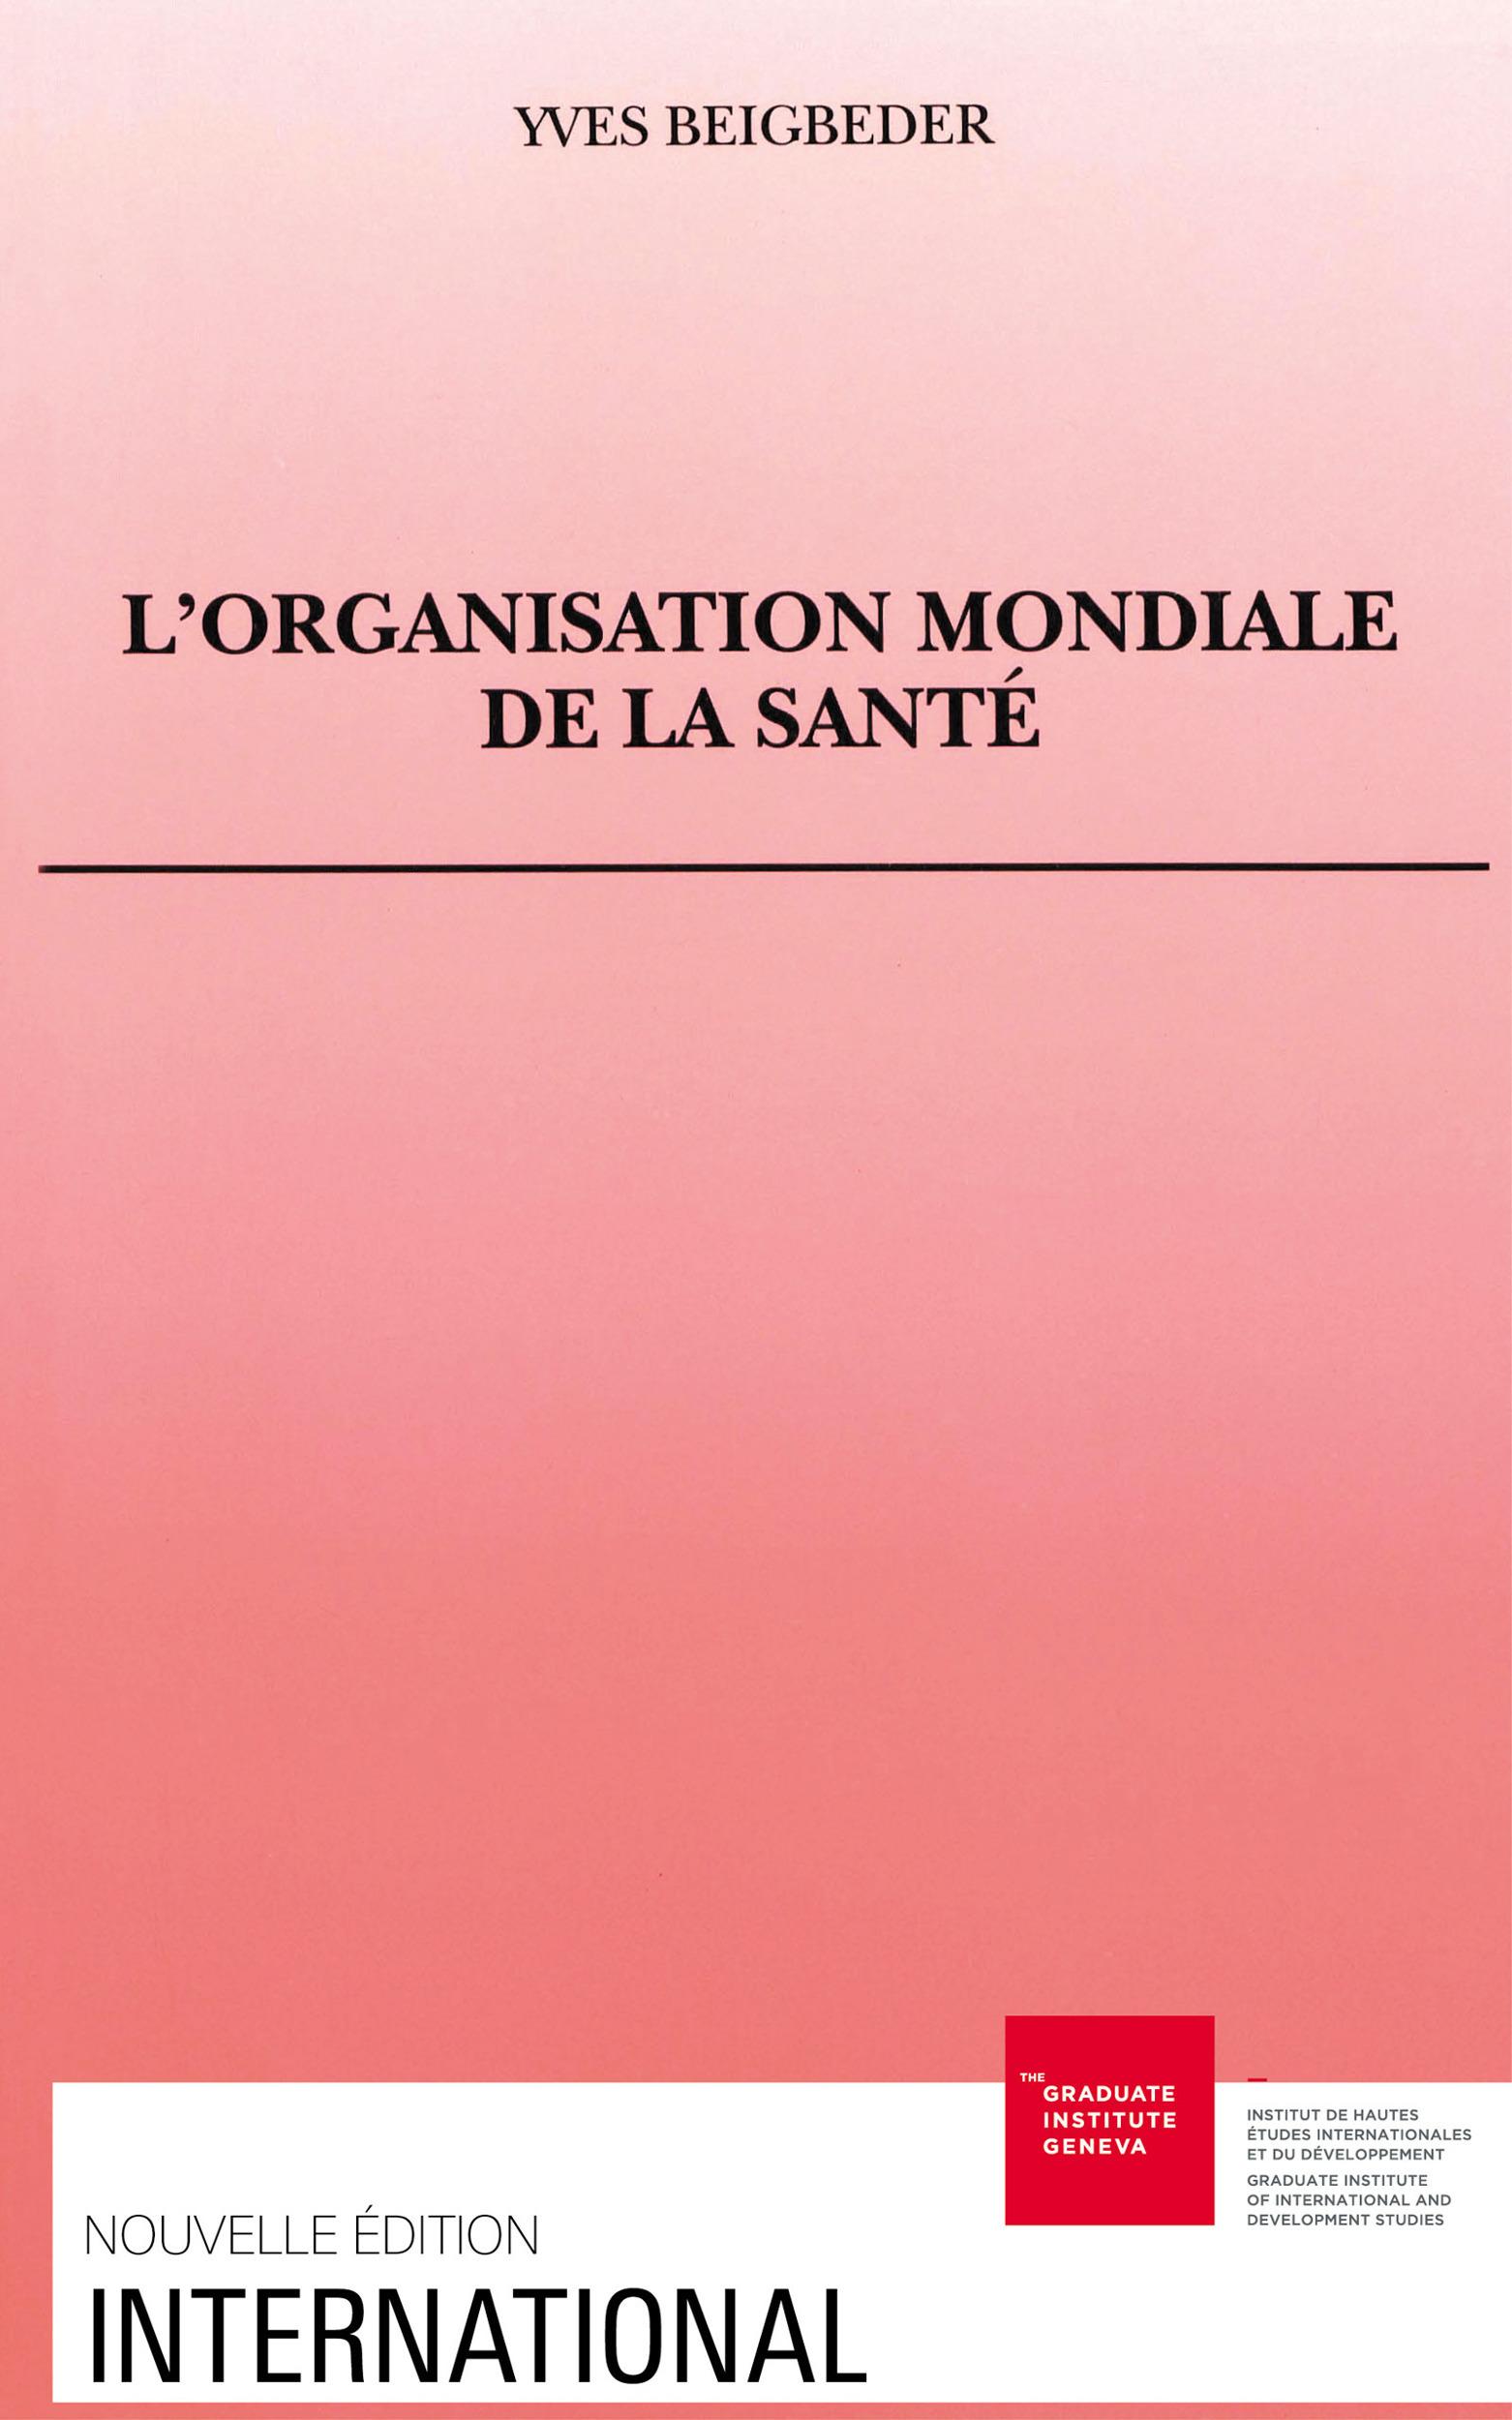 L'organisation mondiale de la sante